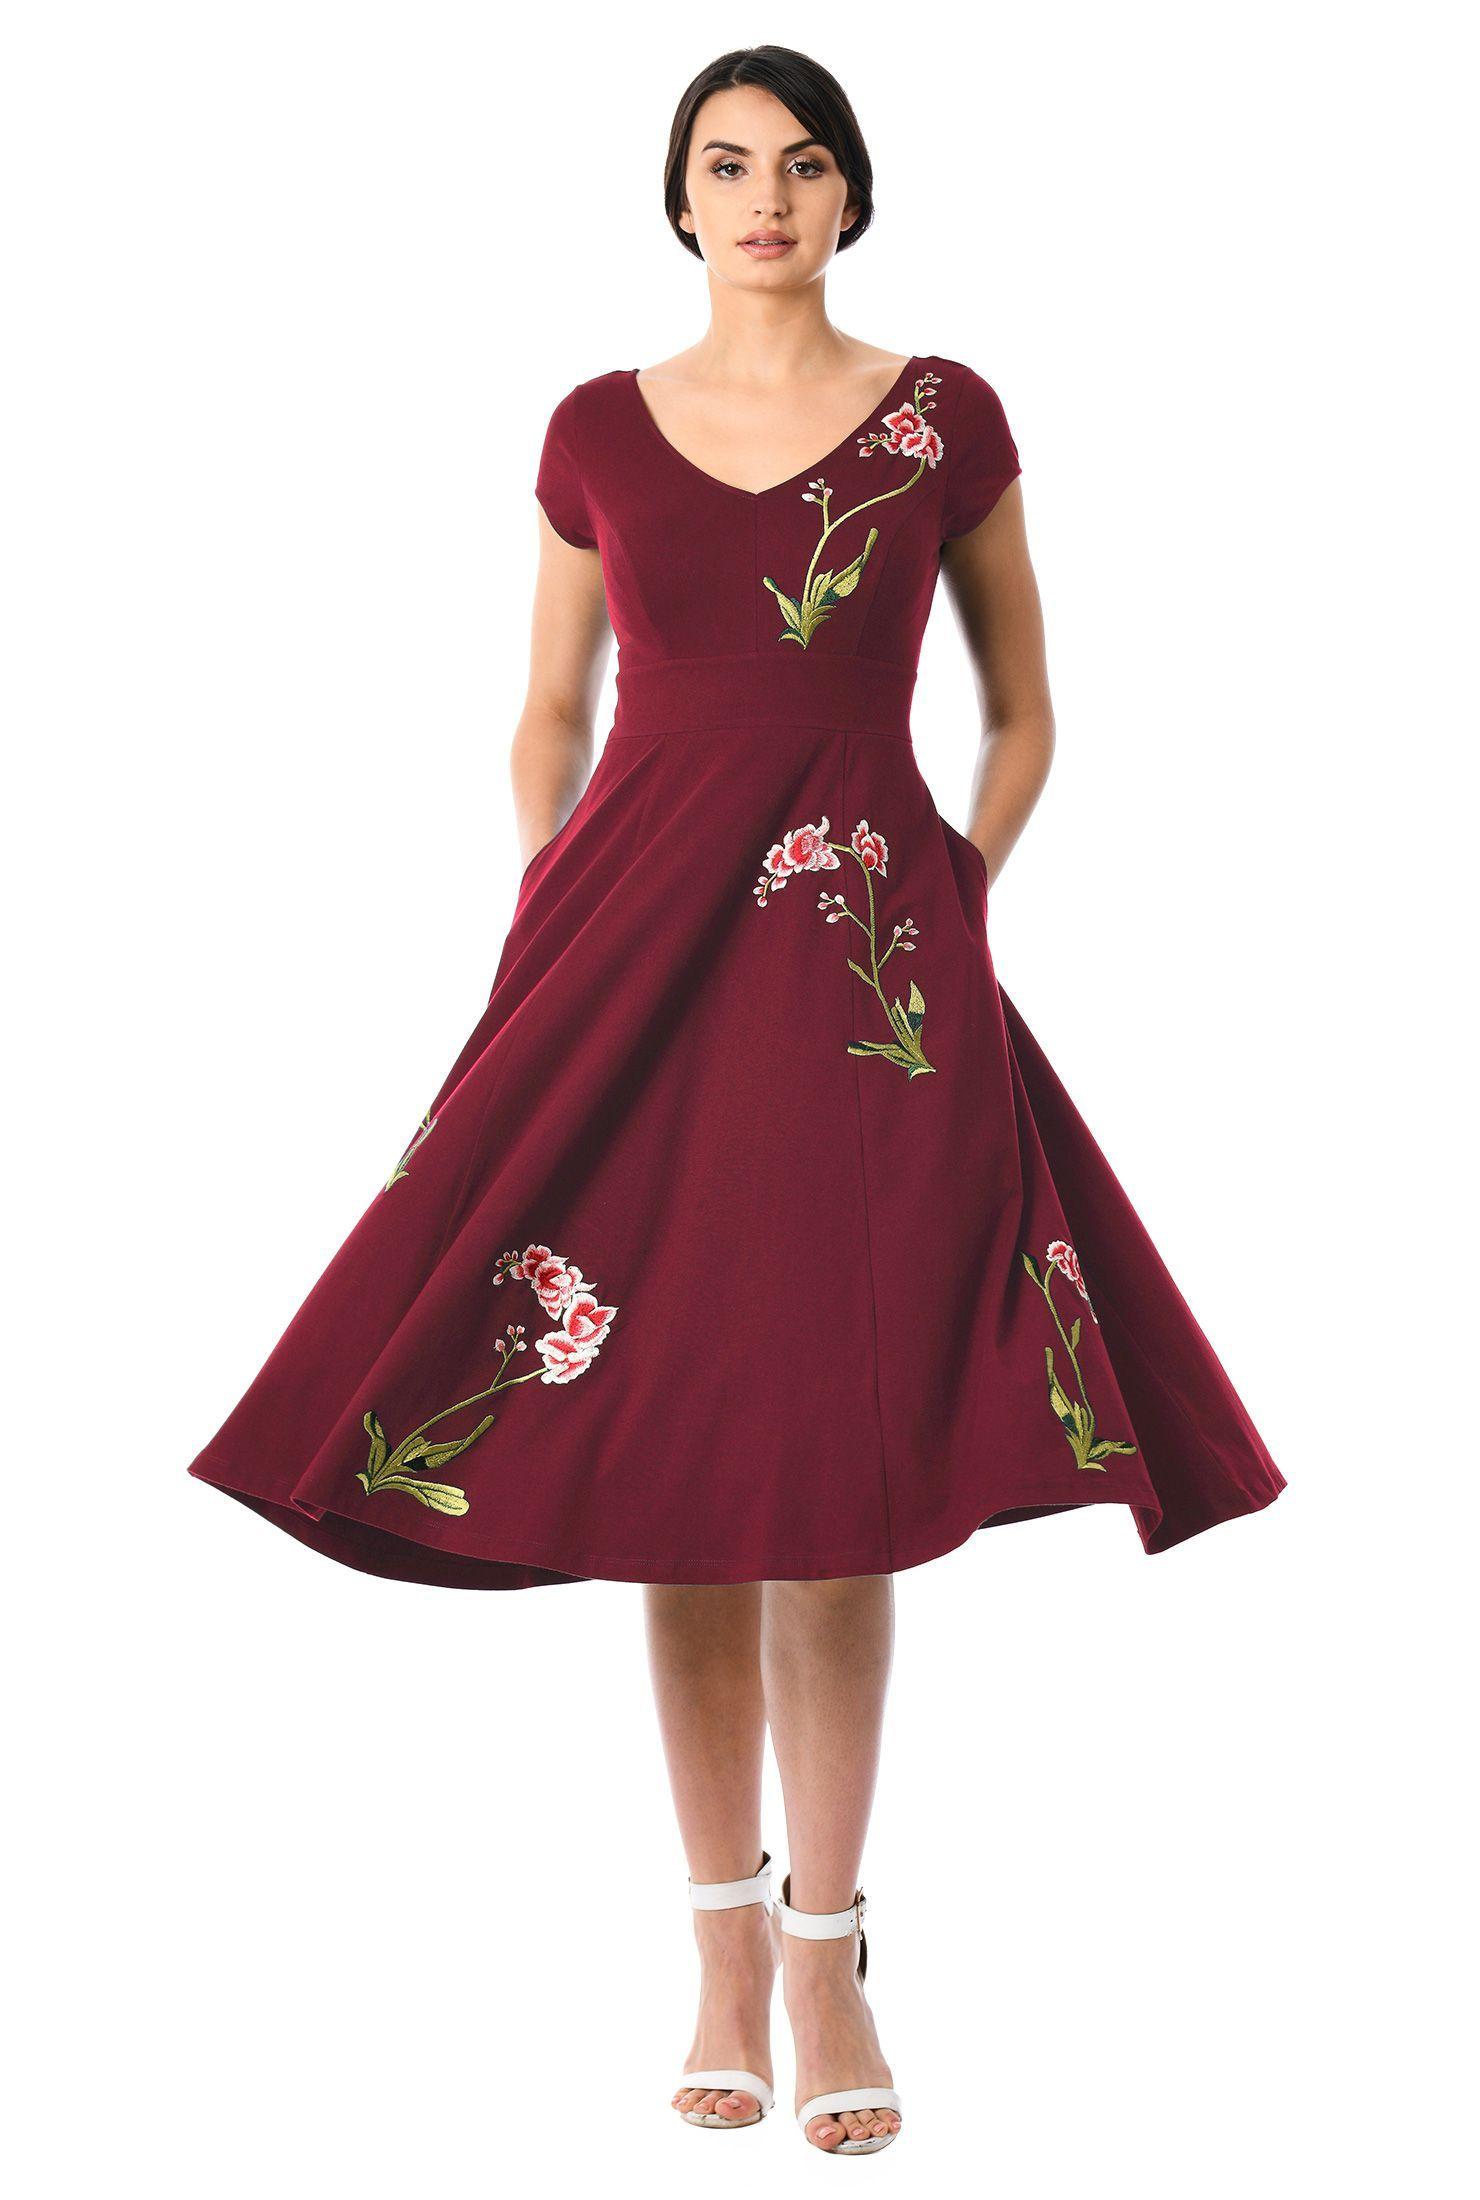 8716c71542 Formal Dresses For Petite Figures - Data Dynamic AG